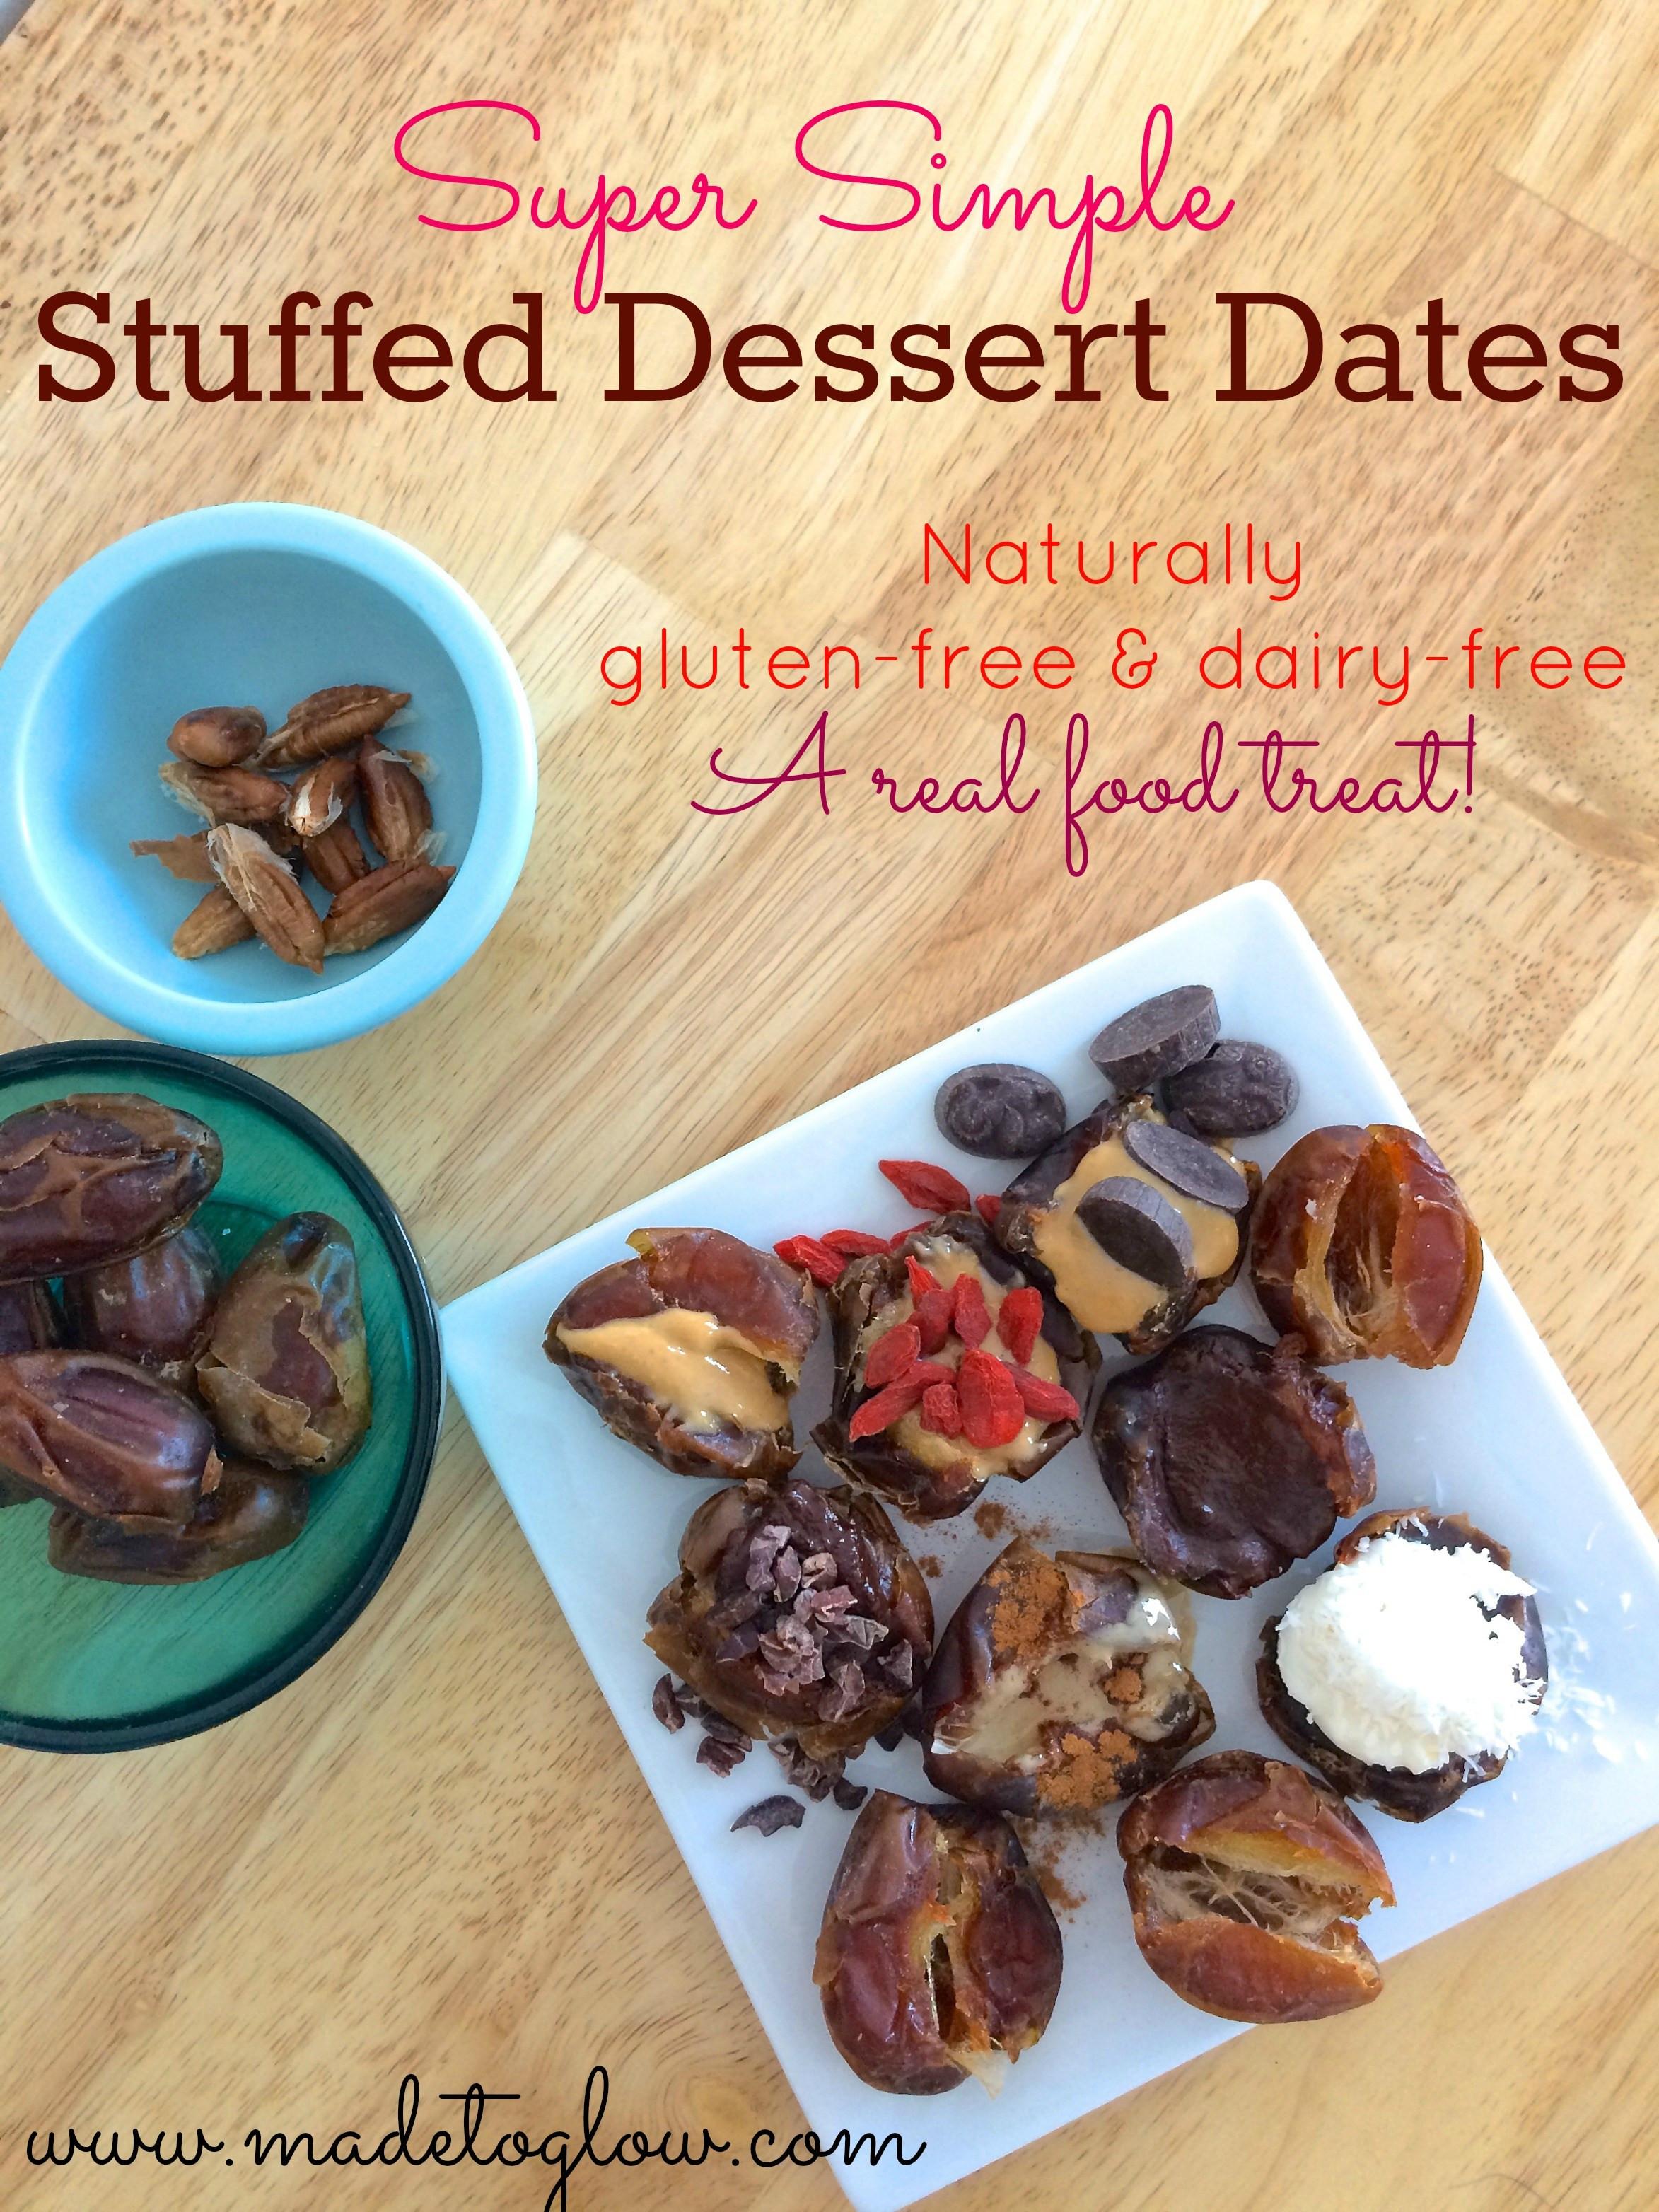 Easy Gluten And Dairy Free Desserts  Super Simple Stuffed Dessert Dates Gluten free and Dairy